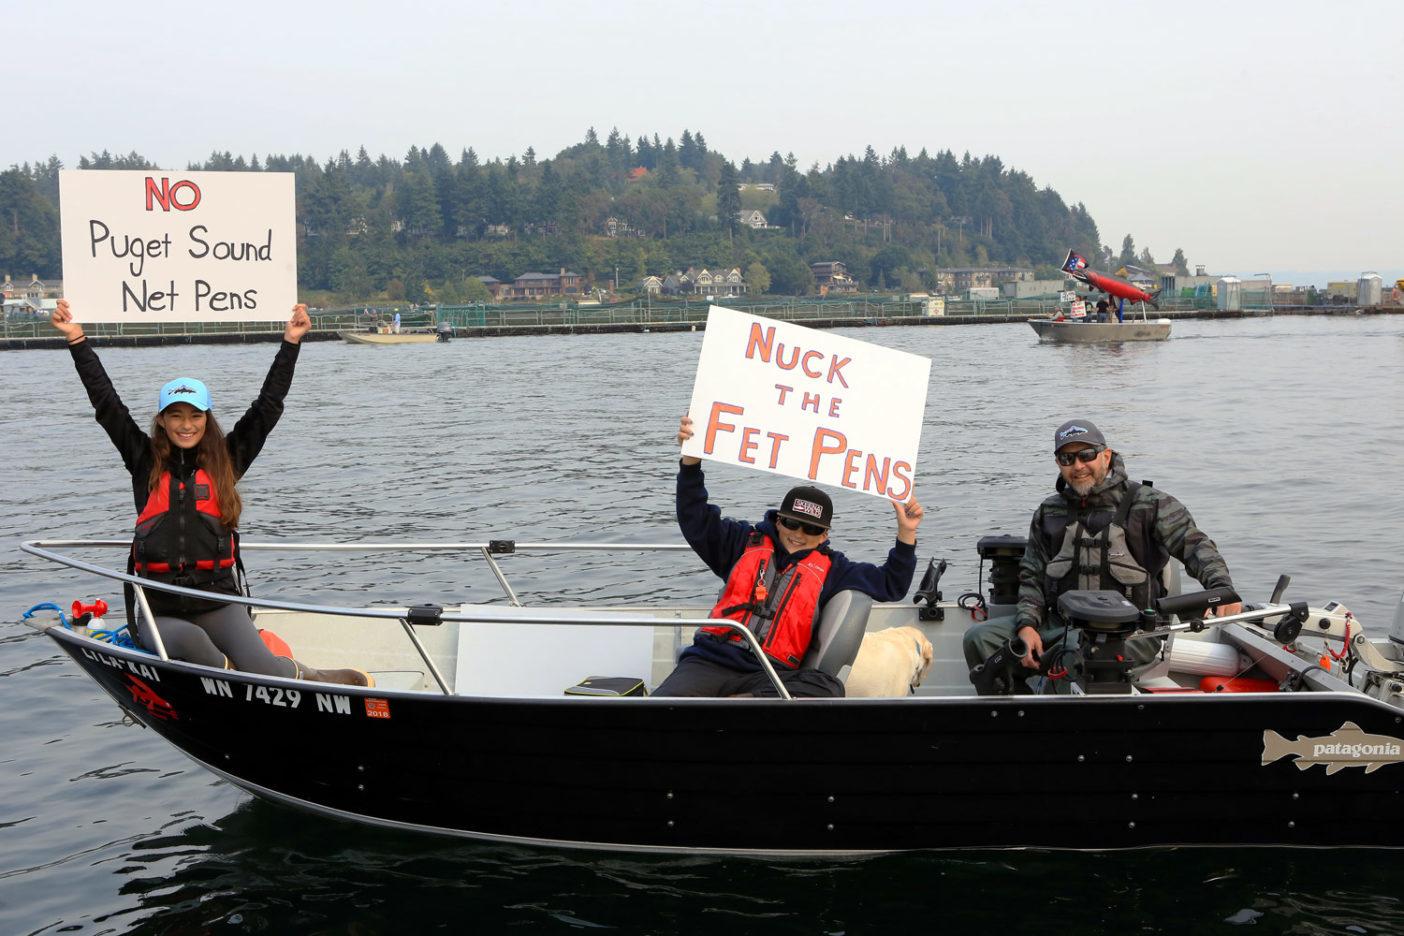 〈ワイルド・フィッシュ・コンサーバンシー〉が組織化した『アワ・サウンド、アワ・サーモン船団』で大西洋ザケの囲い網飼育に抗議するトミネ一家。 Photo: Dave McCoy